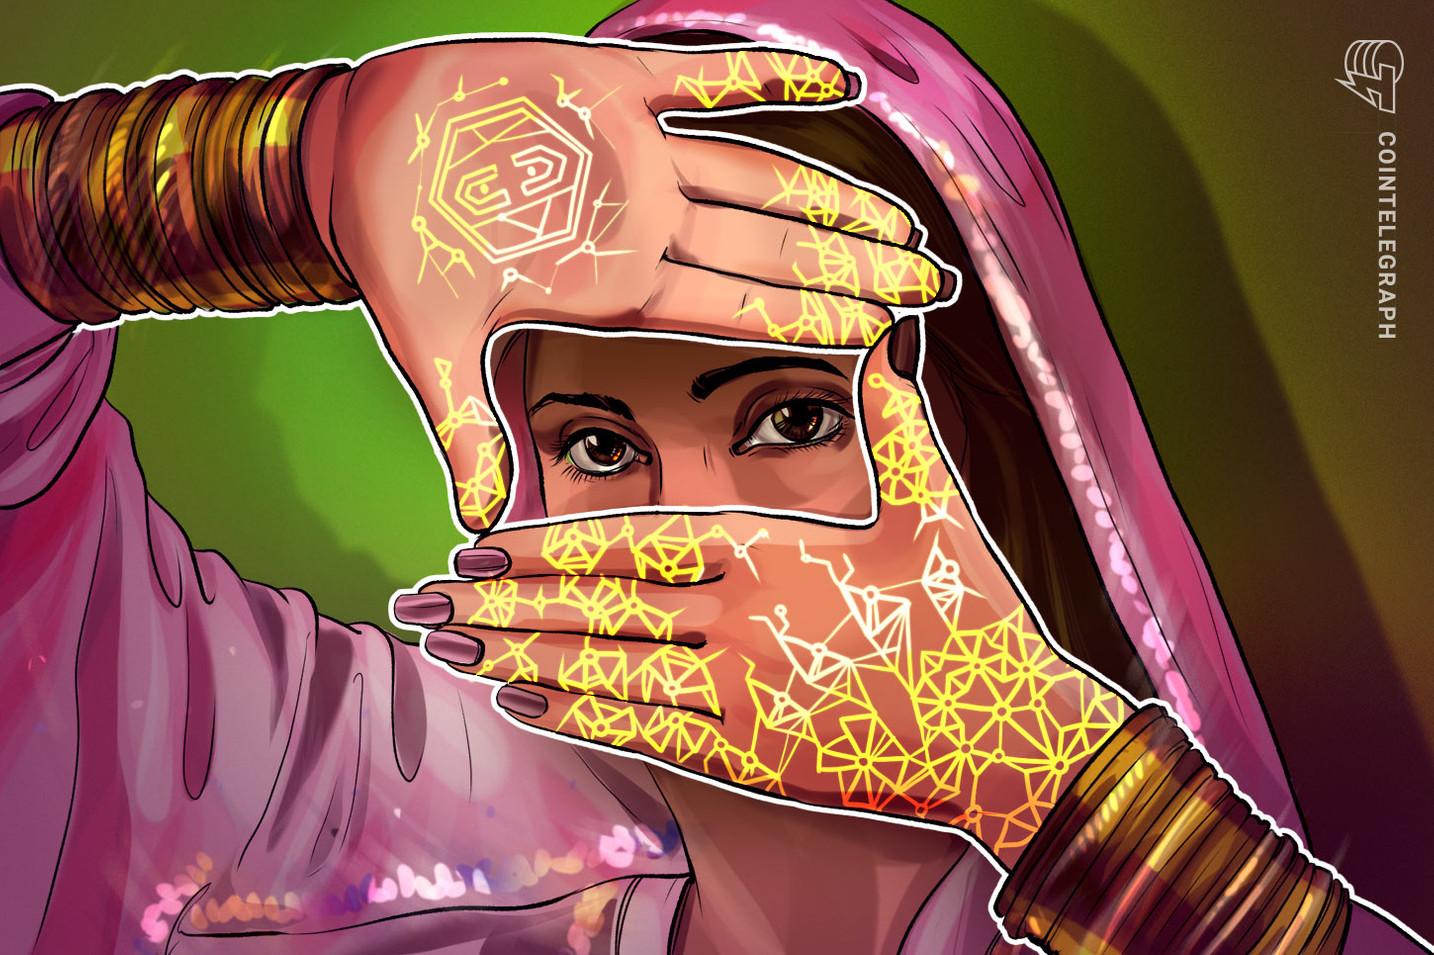 Il governo indiano sta 'valutando' la possibilità di lanciare una criptovaluta nazionale, rivela una fonte anonima